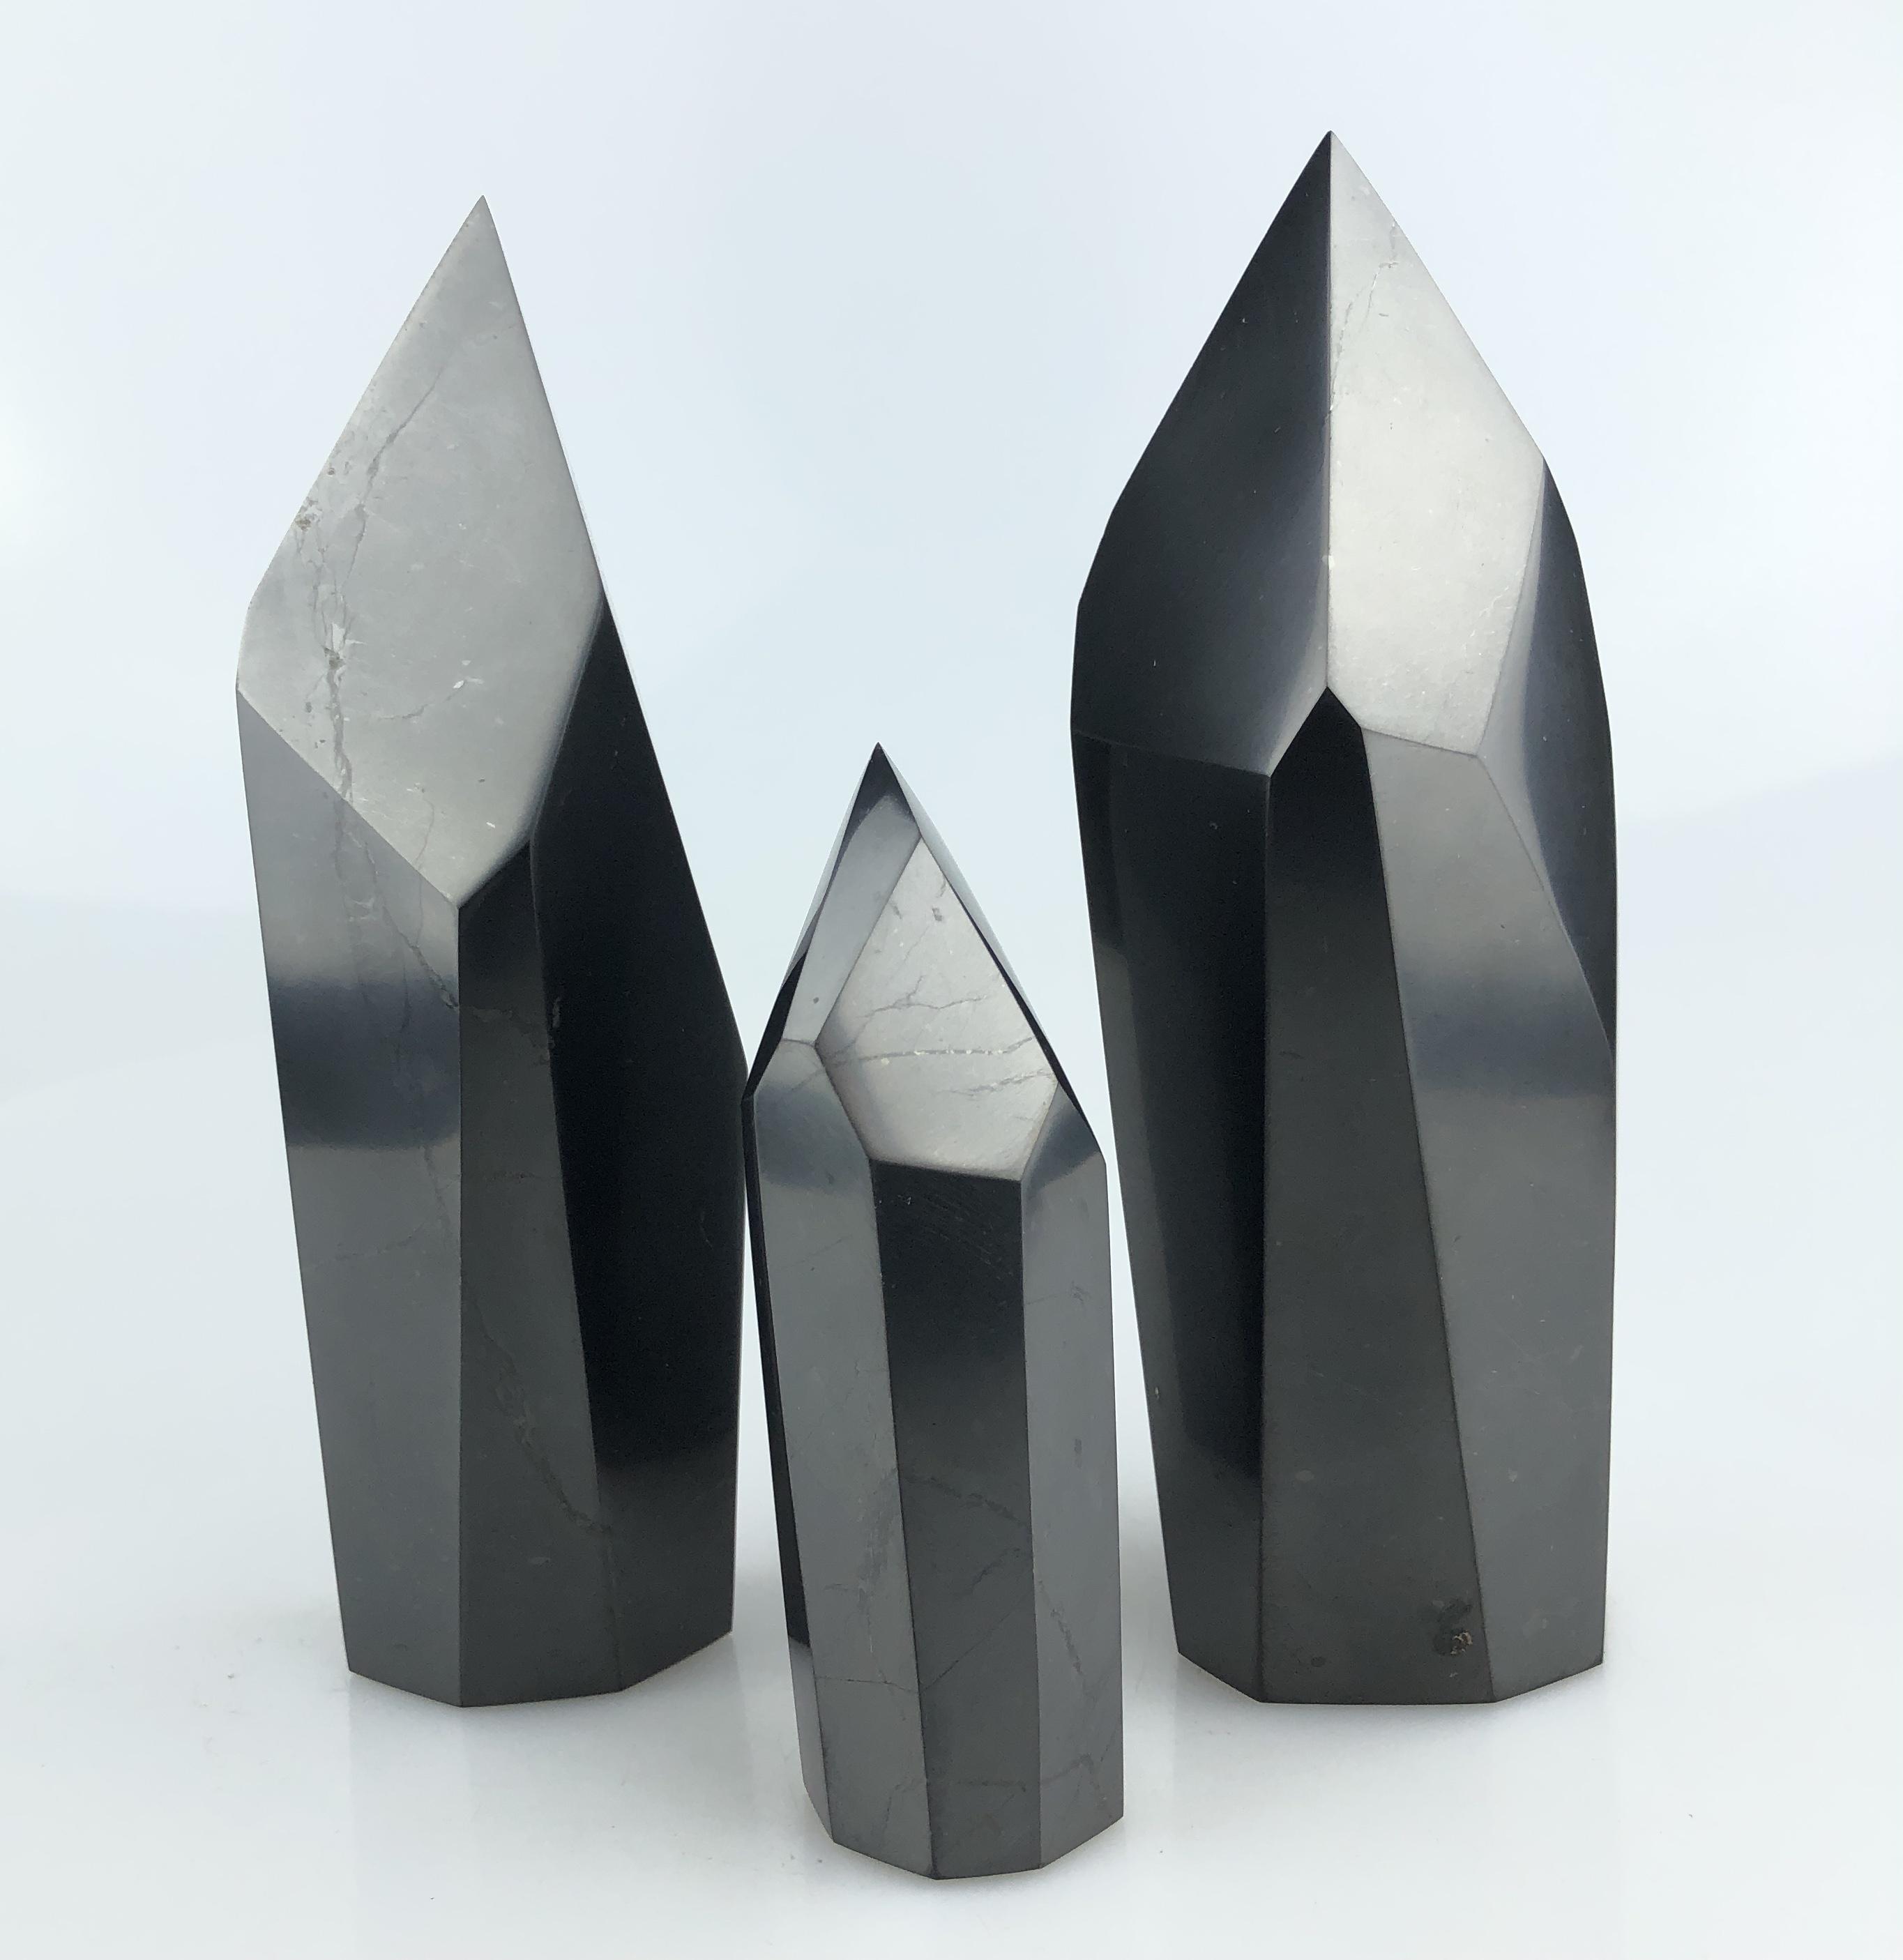 Šungitové krystaly